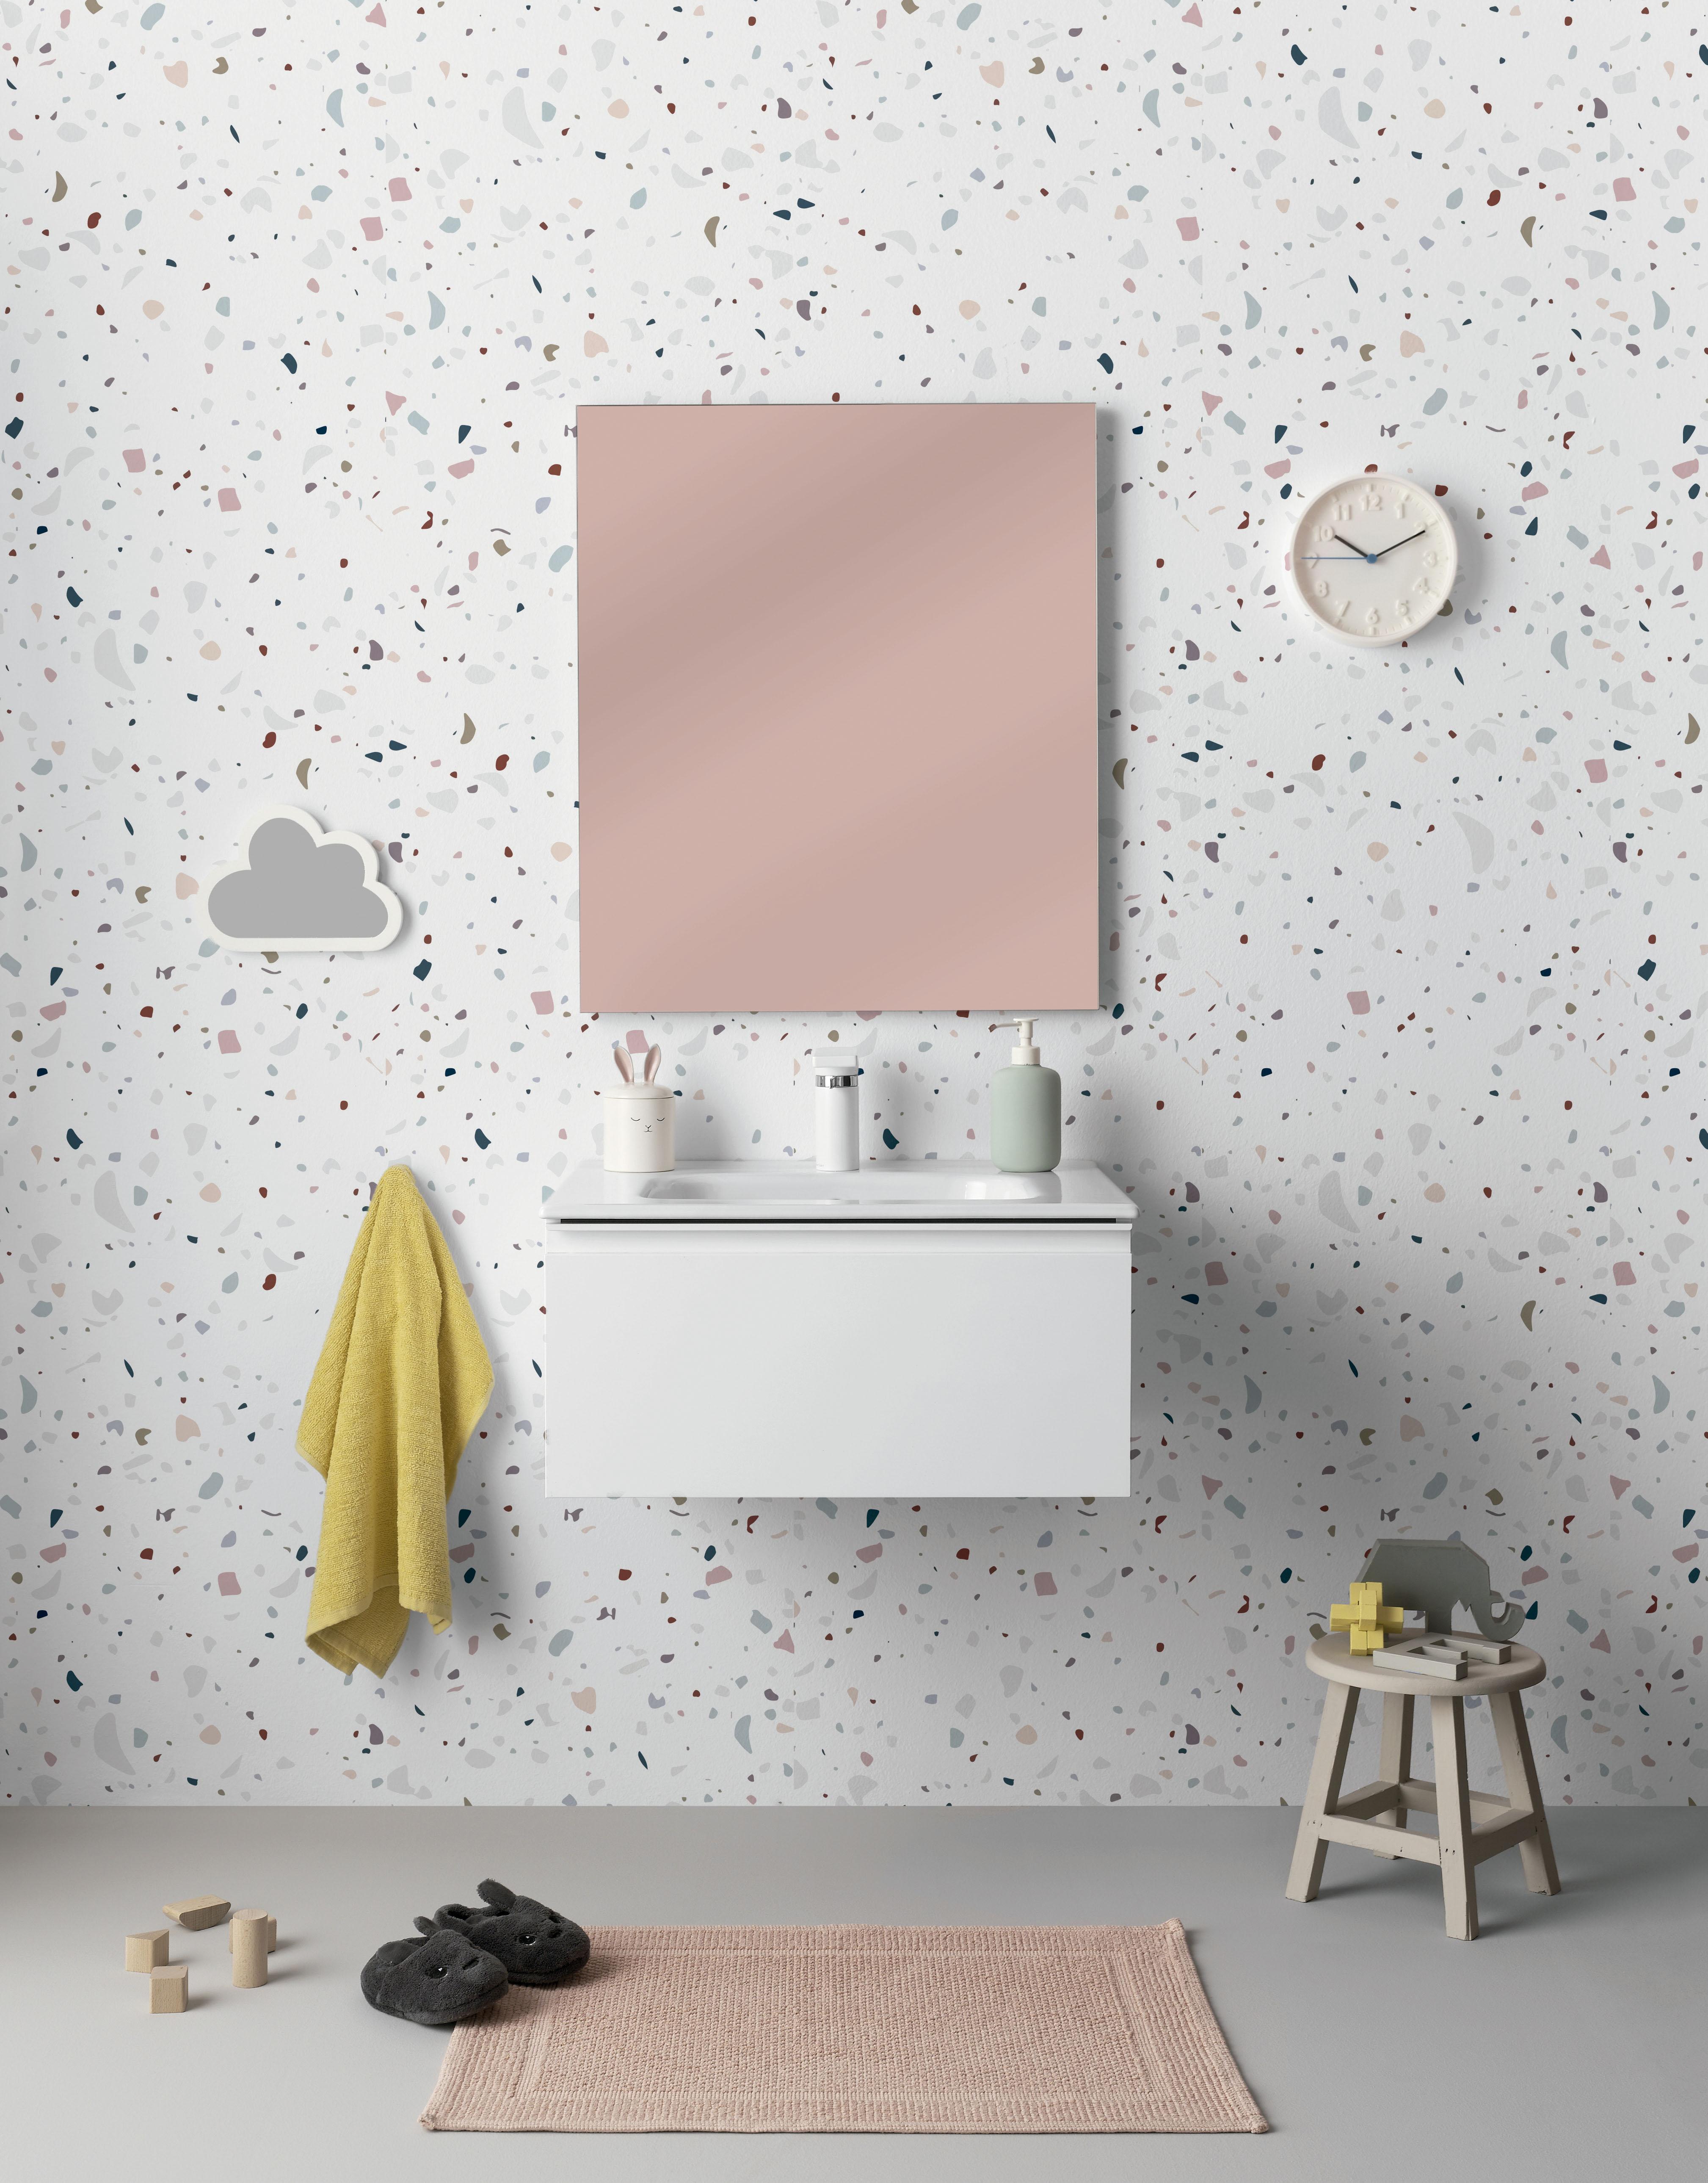 rectangular blanco soporte de pared Peque/ño lavabo para cuarto de ba/ño